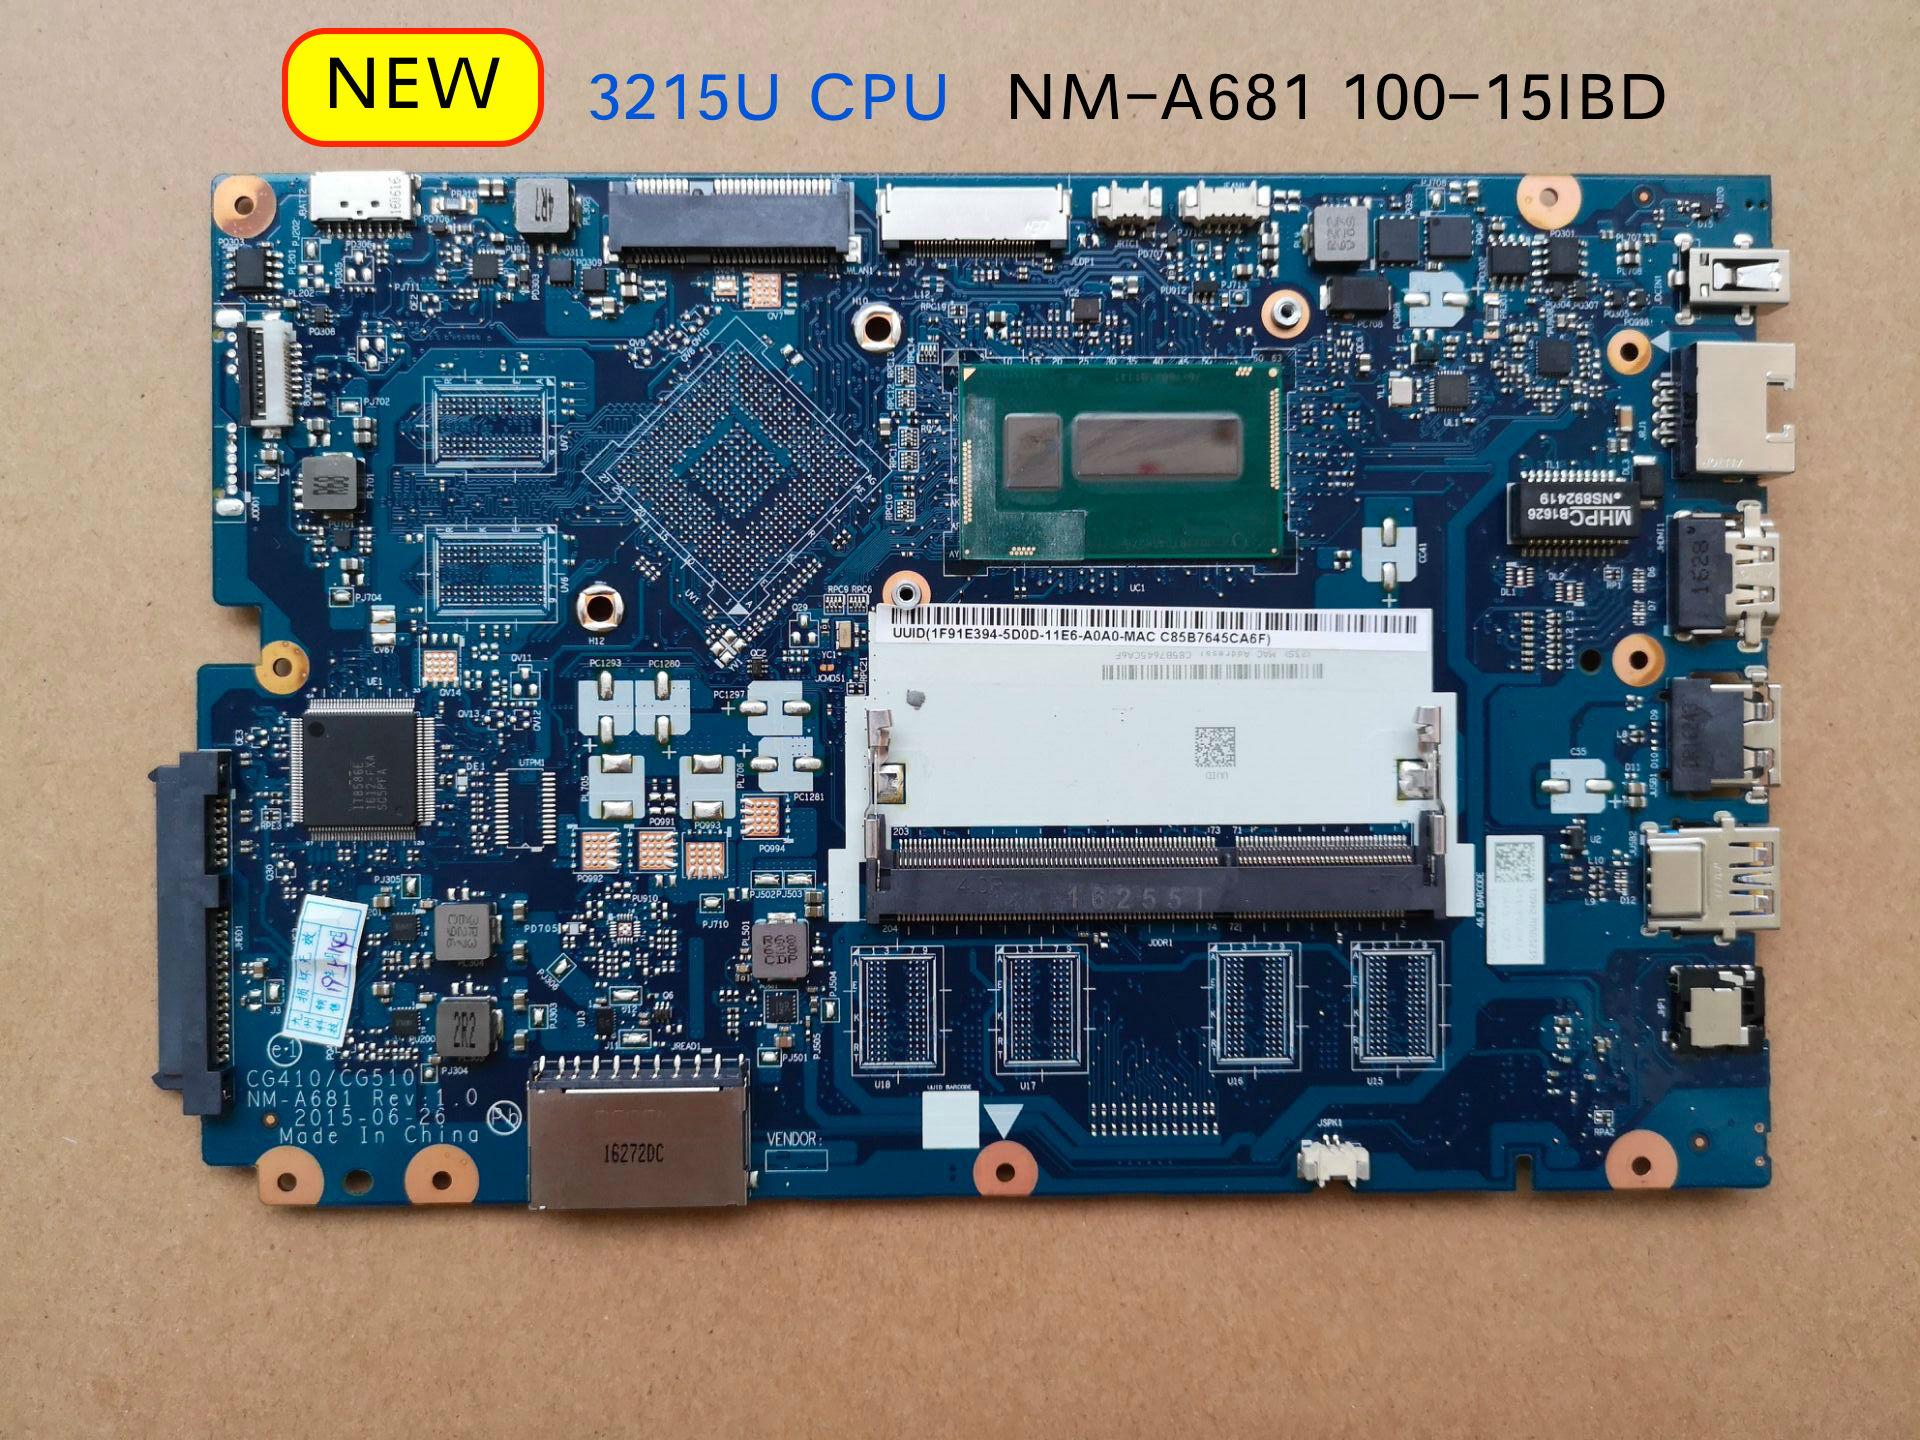 Testowane oryginalny CG410 CG510 NM-A681 płyty głównej płyta główna dla Lenovo Ideapad 100-15IBD 100 15IBD laptopa płyty głównej płyta główna w 3215U procesora